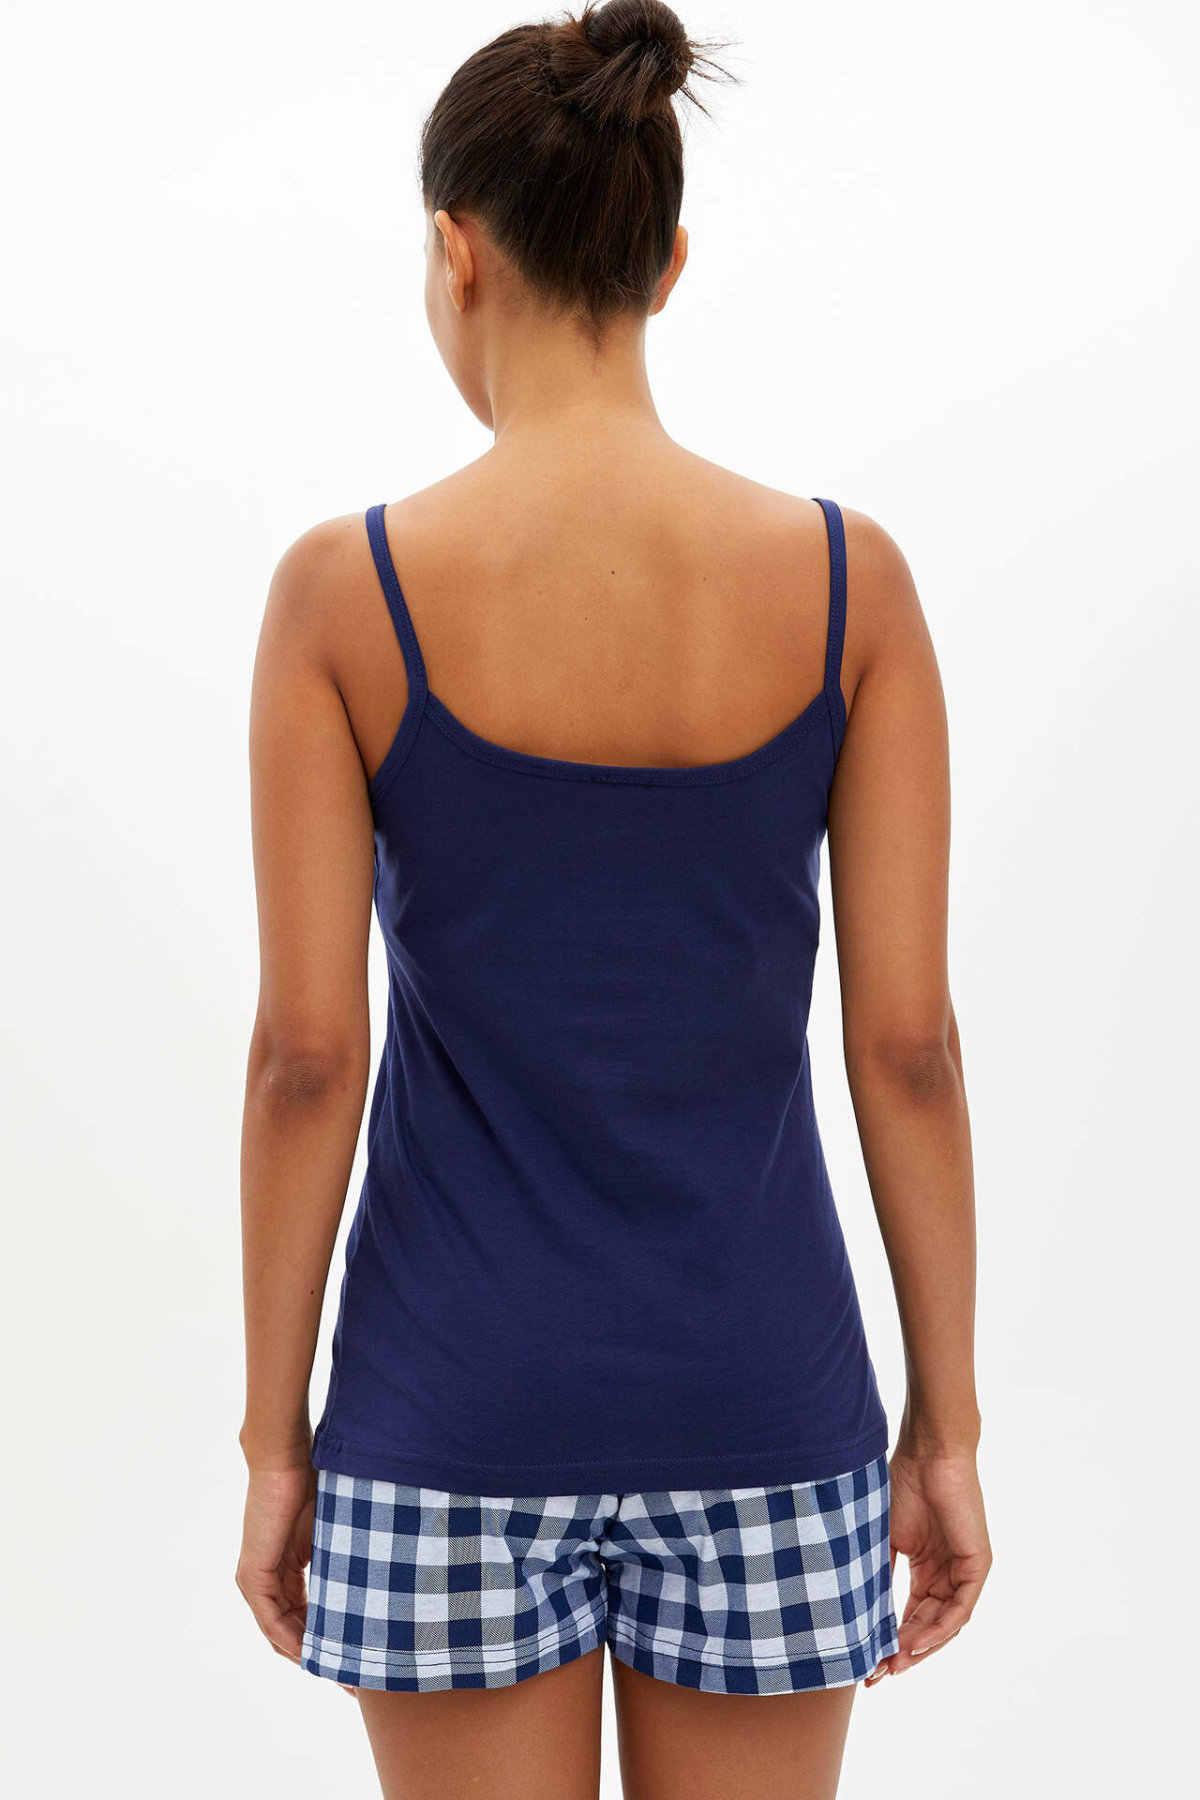 Defacto Người Phụ Nữ Mùa Hè Dây Bộ Đồ Ngủ Dệt Kim Bộ Nữ Áo Lưới Cột Dây Quần Short Nữ Homewear Set-M4447AZ19HS